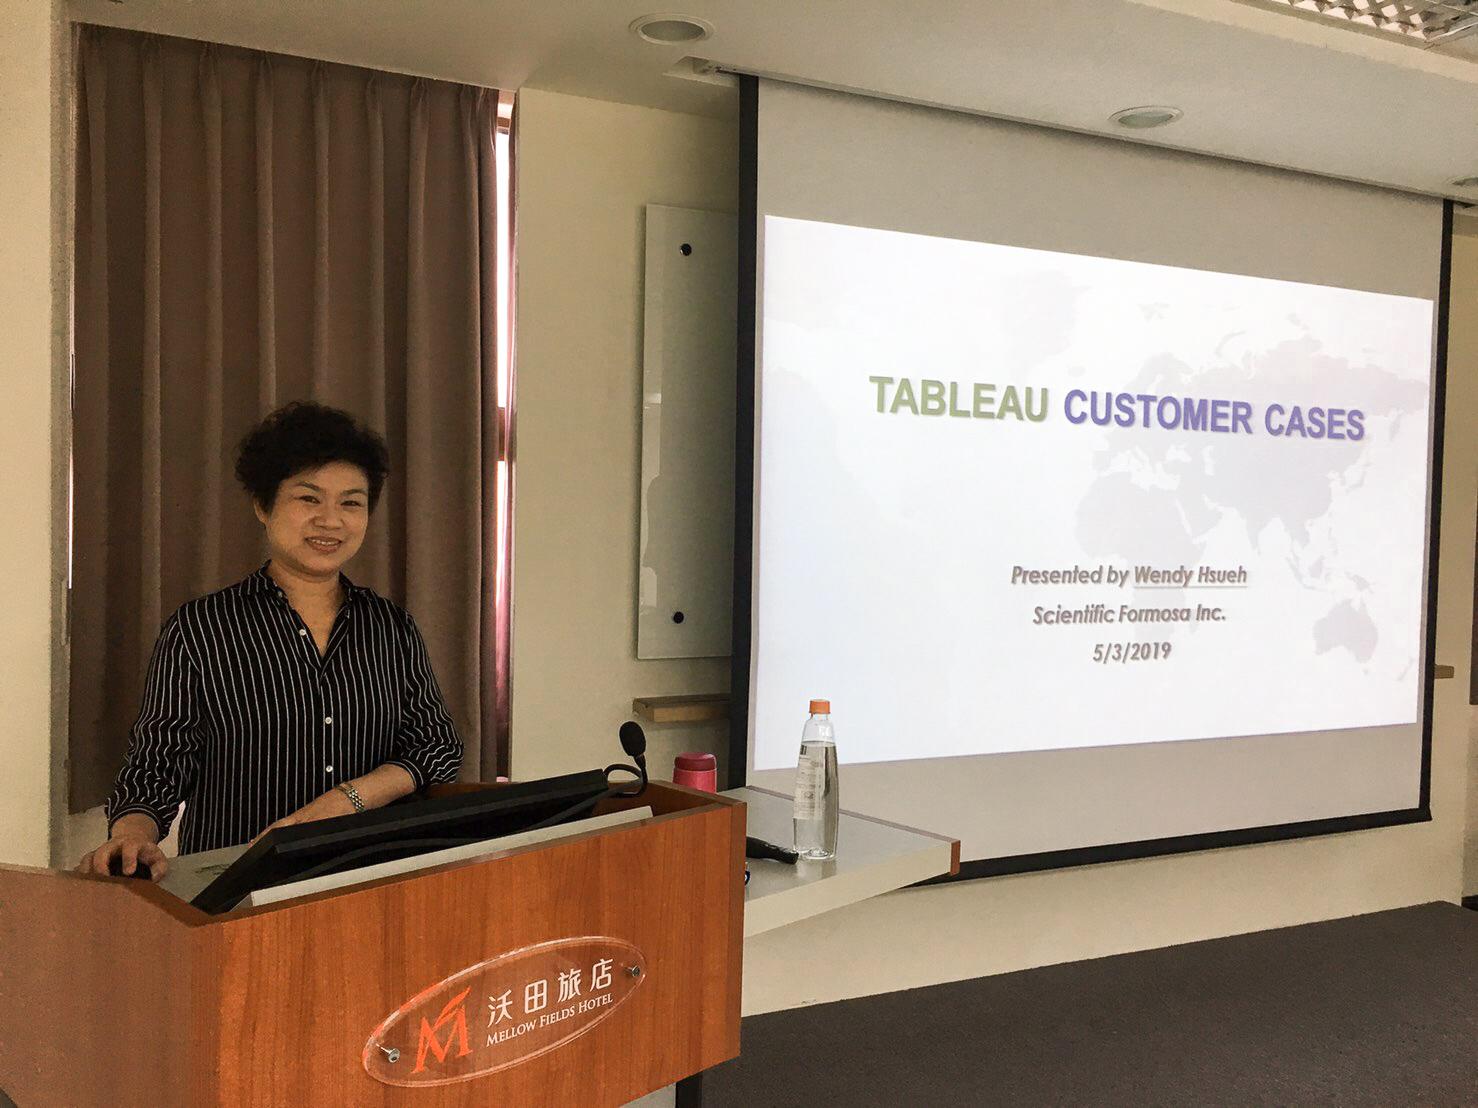 行銷經理的Tableau案例分享